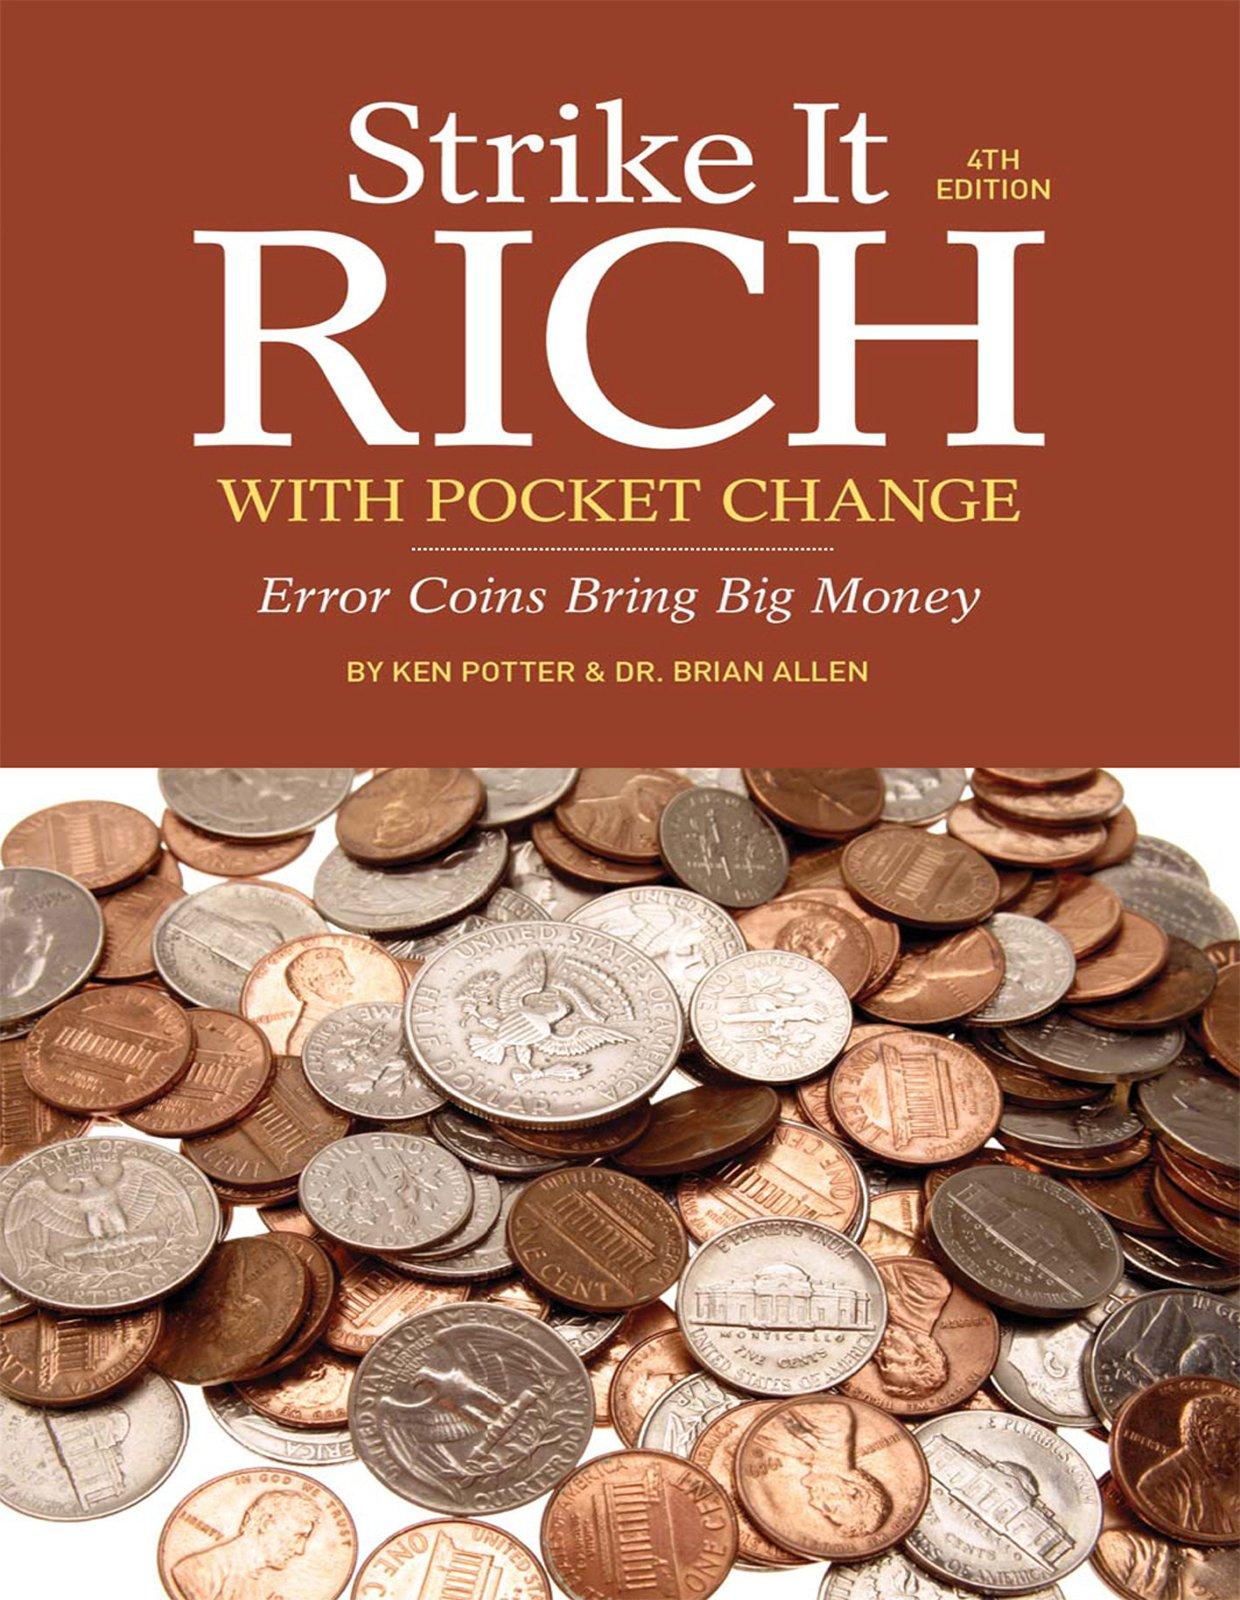 Strike It Rich with Pocket Change: Error Coins Bring Big Money PDF